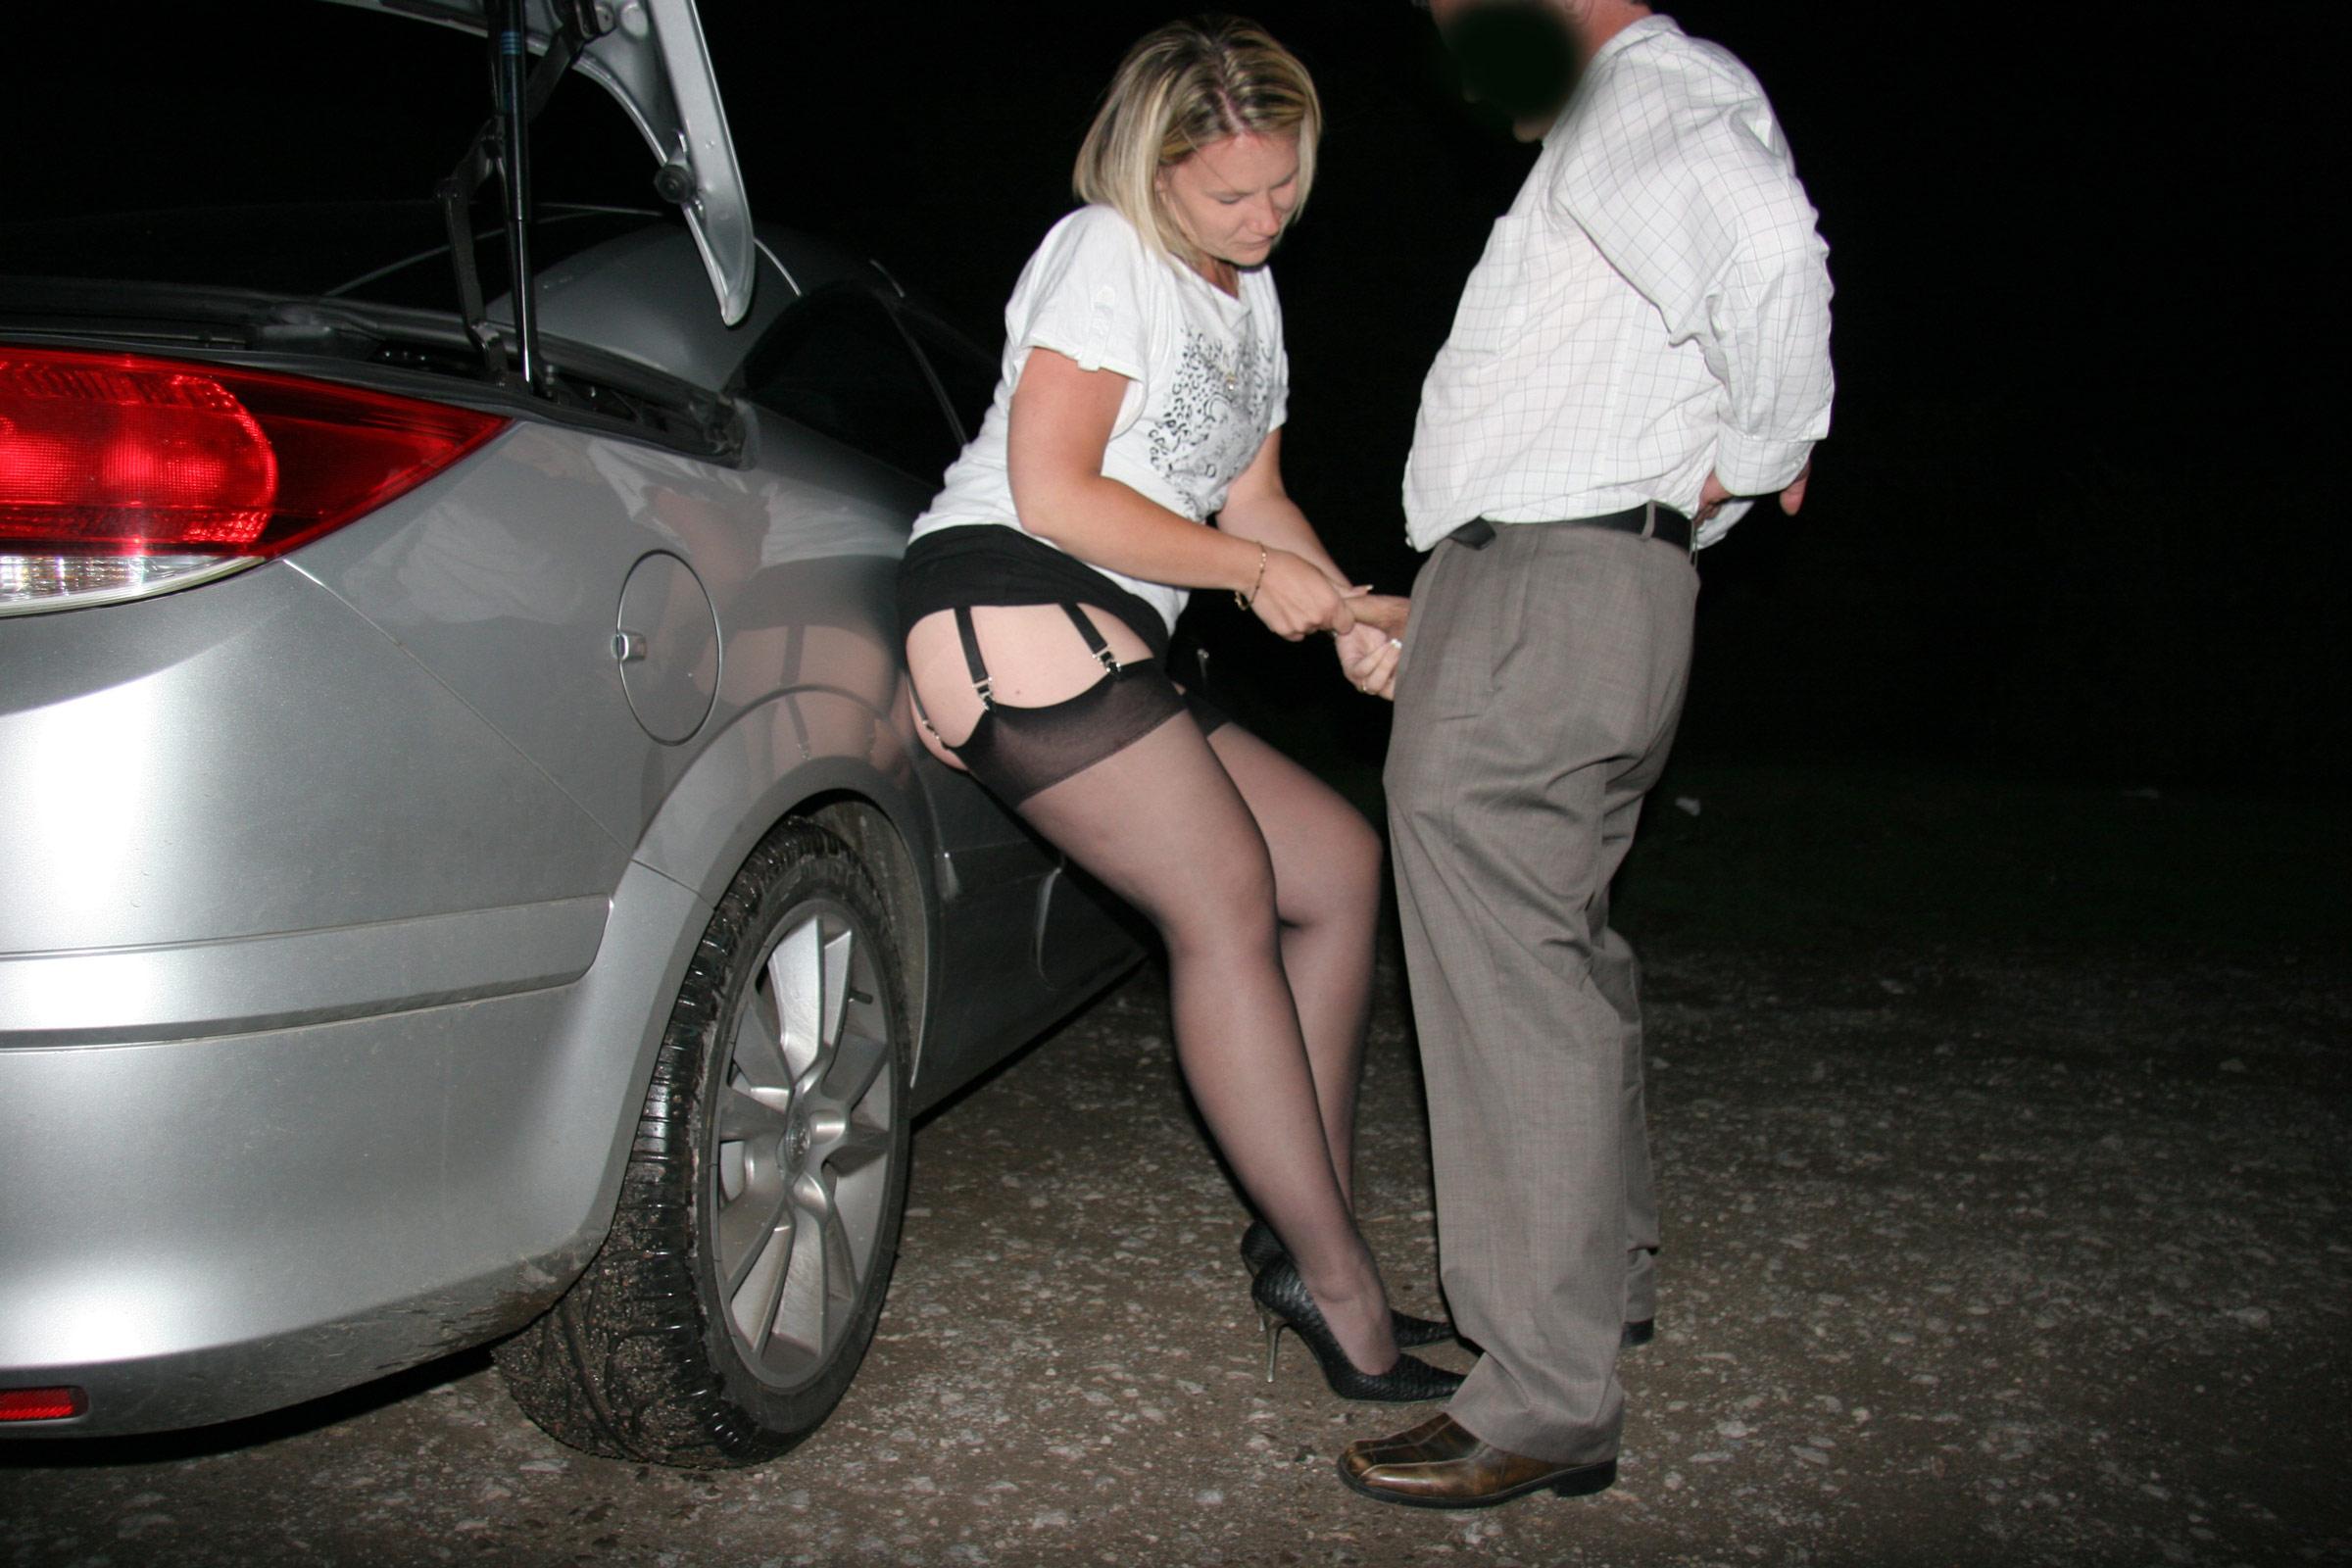 износилование снял шлюху с дороги фото велел сесть